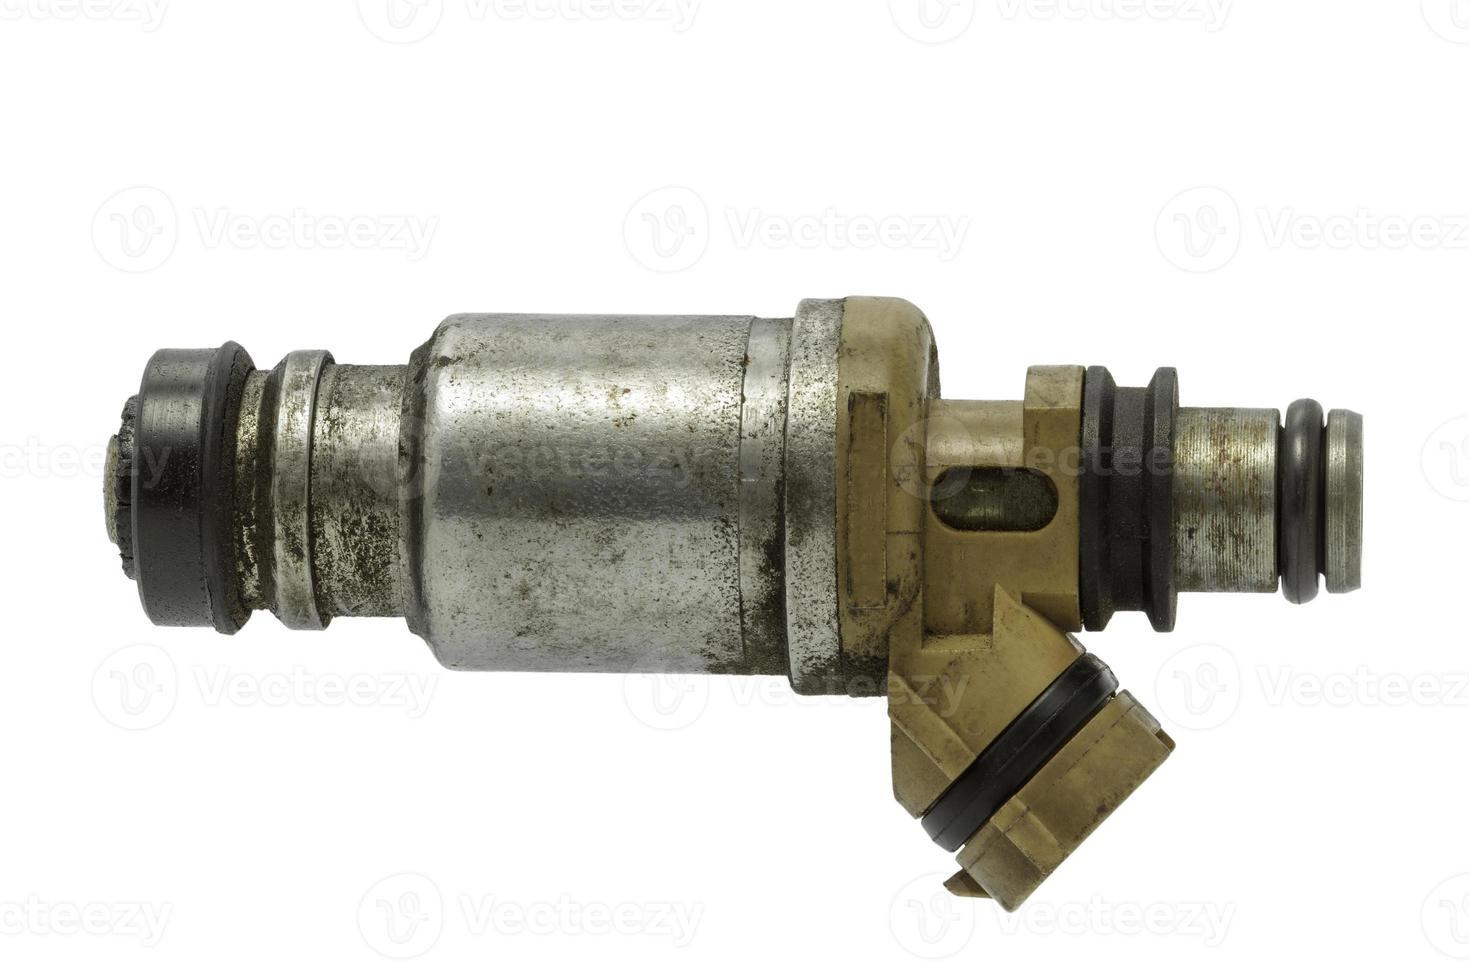 gebruikte brandstofinjector op een witte achtergrond foto